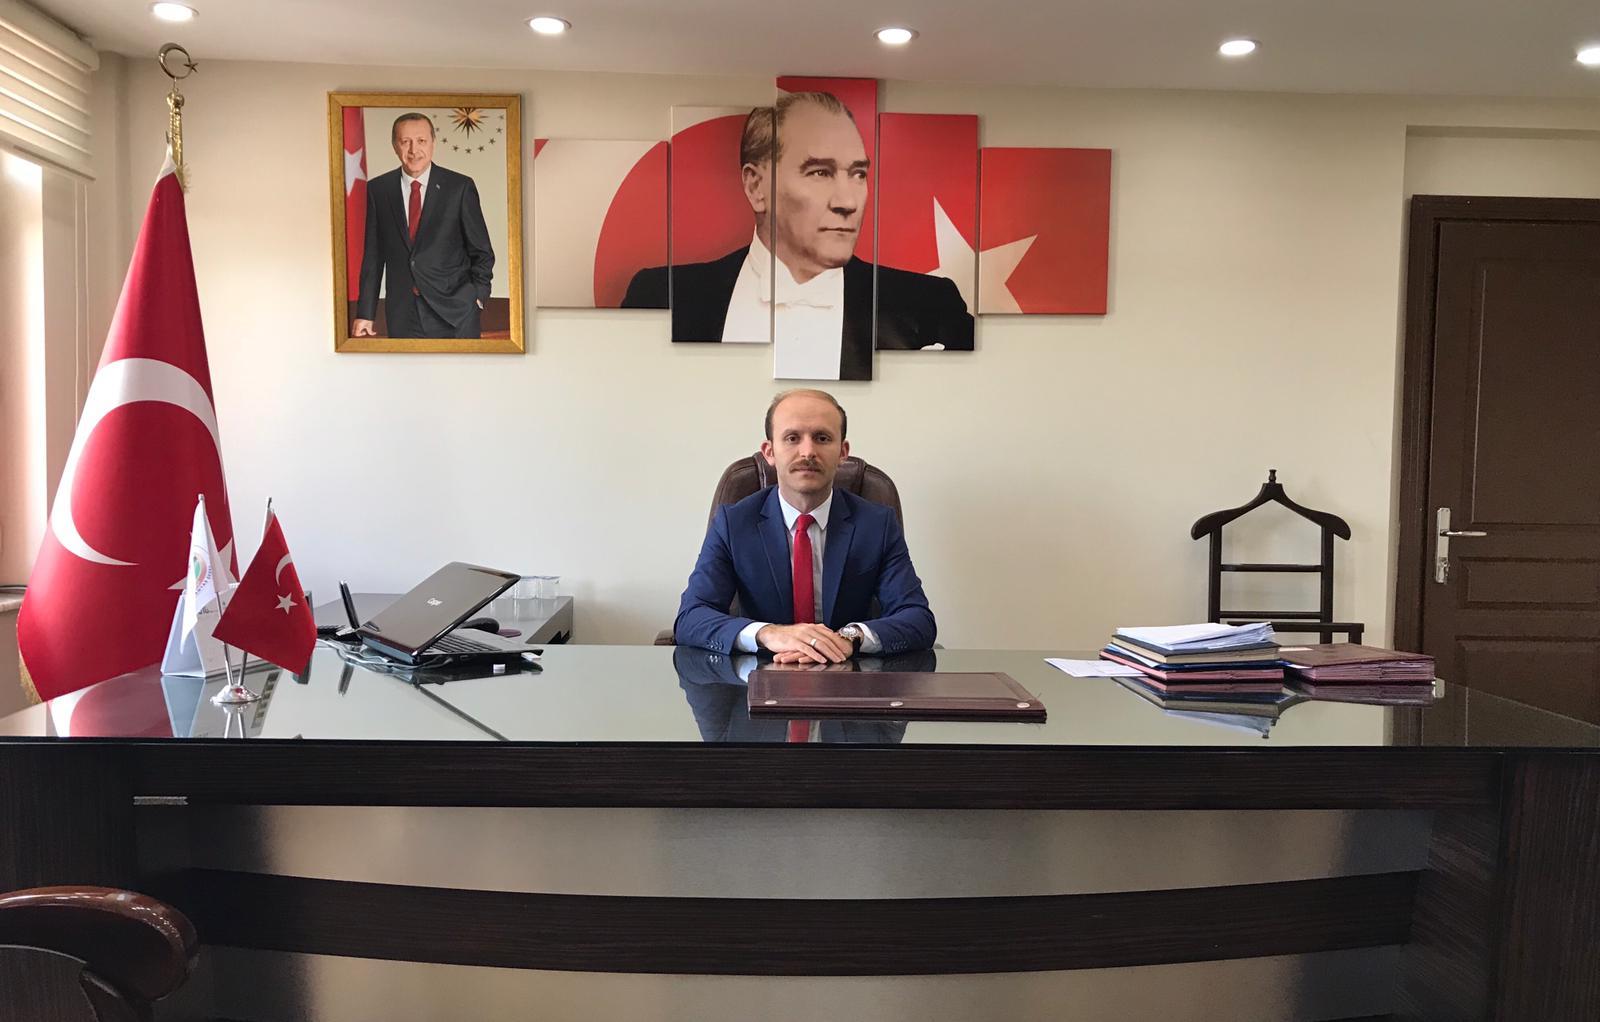 İlçemize atanan Kaymakam Adayı Aydın YANIK, 30.10.2018 tarihinde Akkuş İlçe Kaymakam Vekilliği görevine başlamıştır.